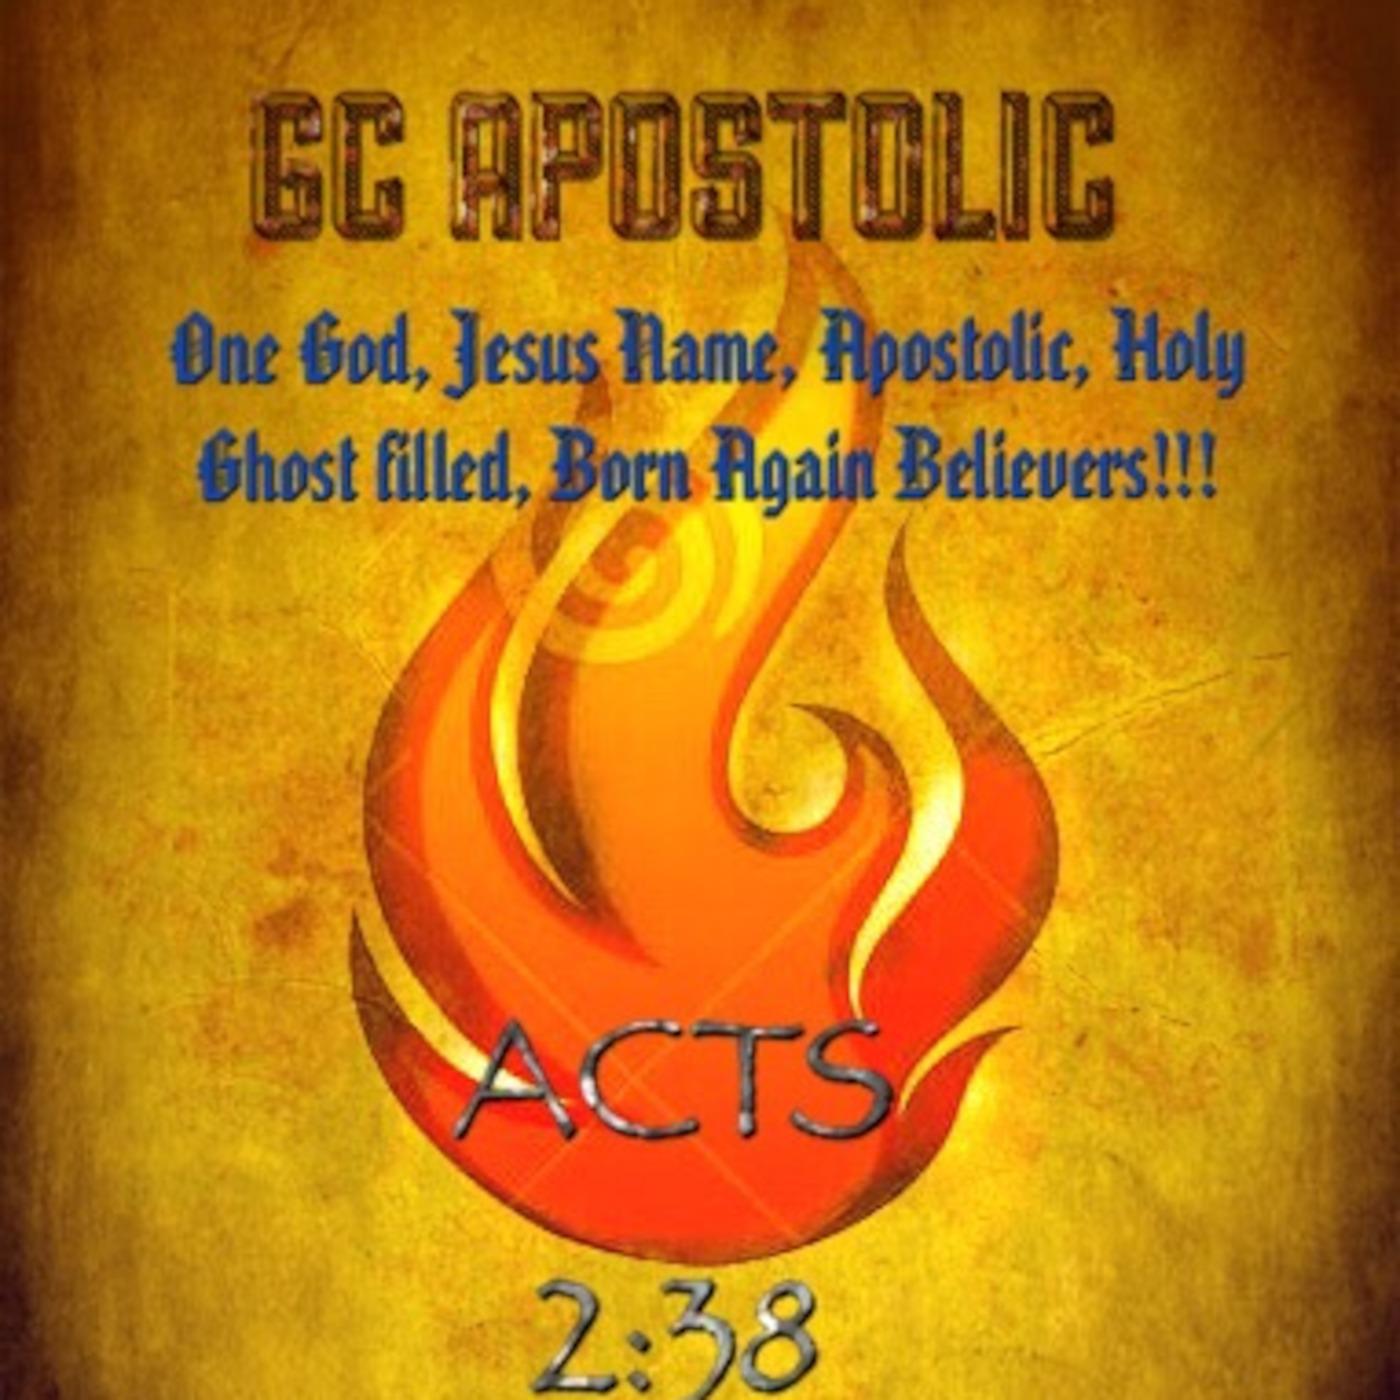 GC APOSTOLIC